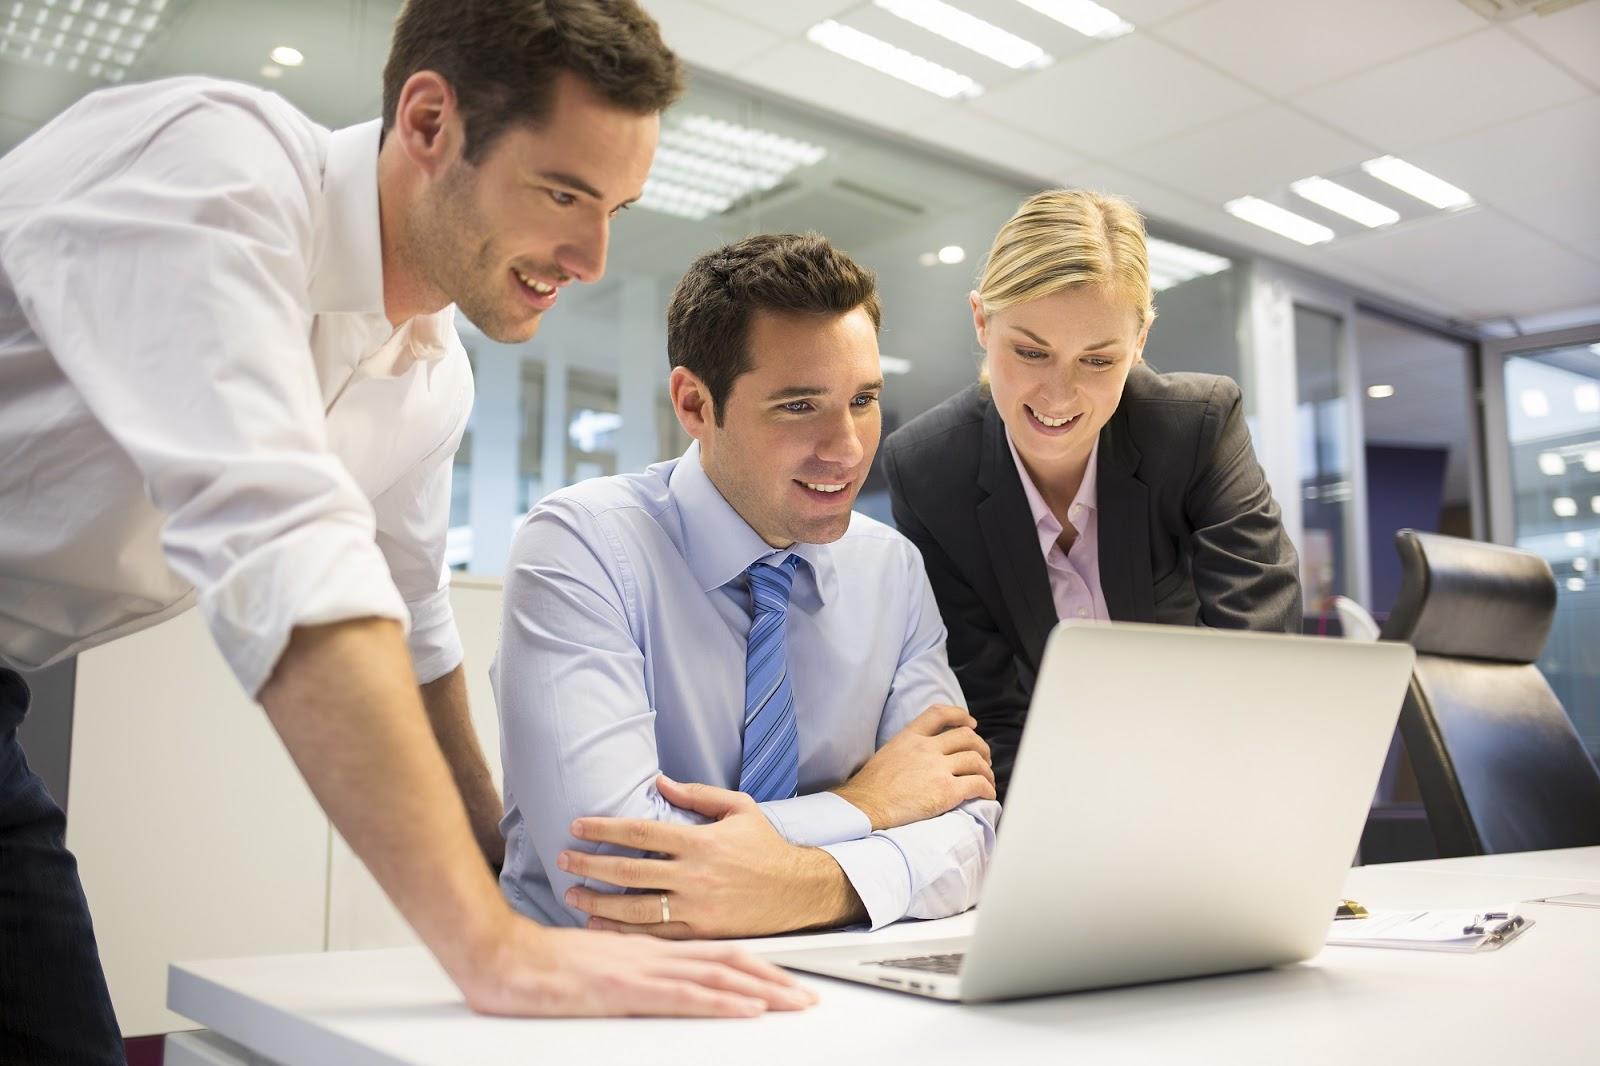 cursos-gratis-administracion-finanzas-marketing-negocios